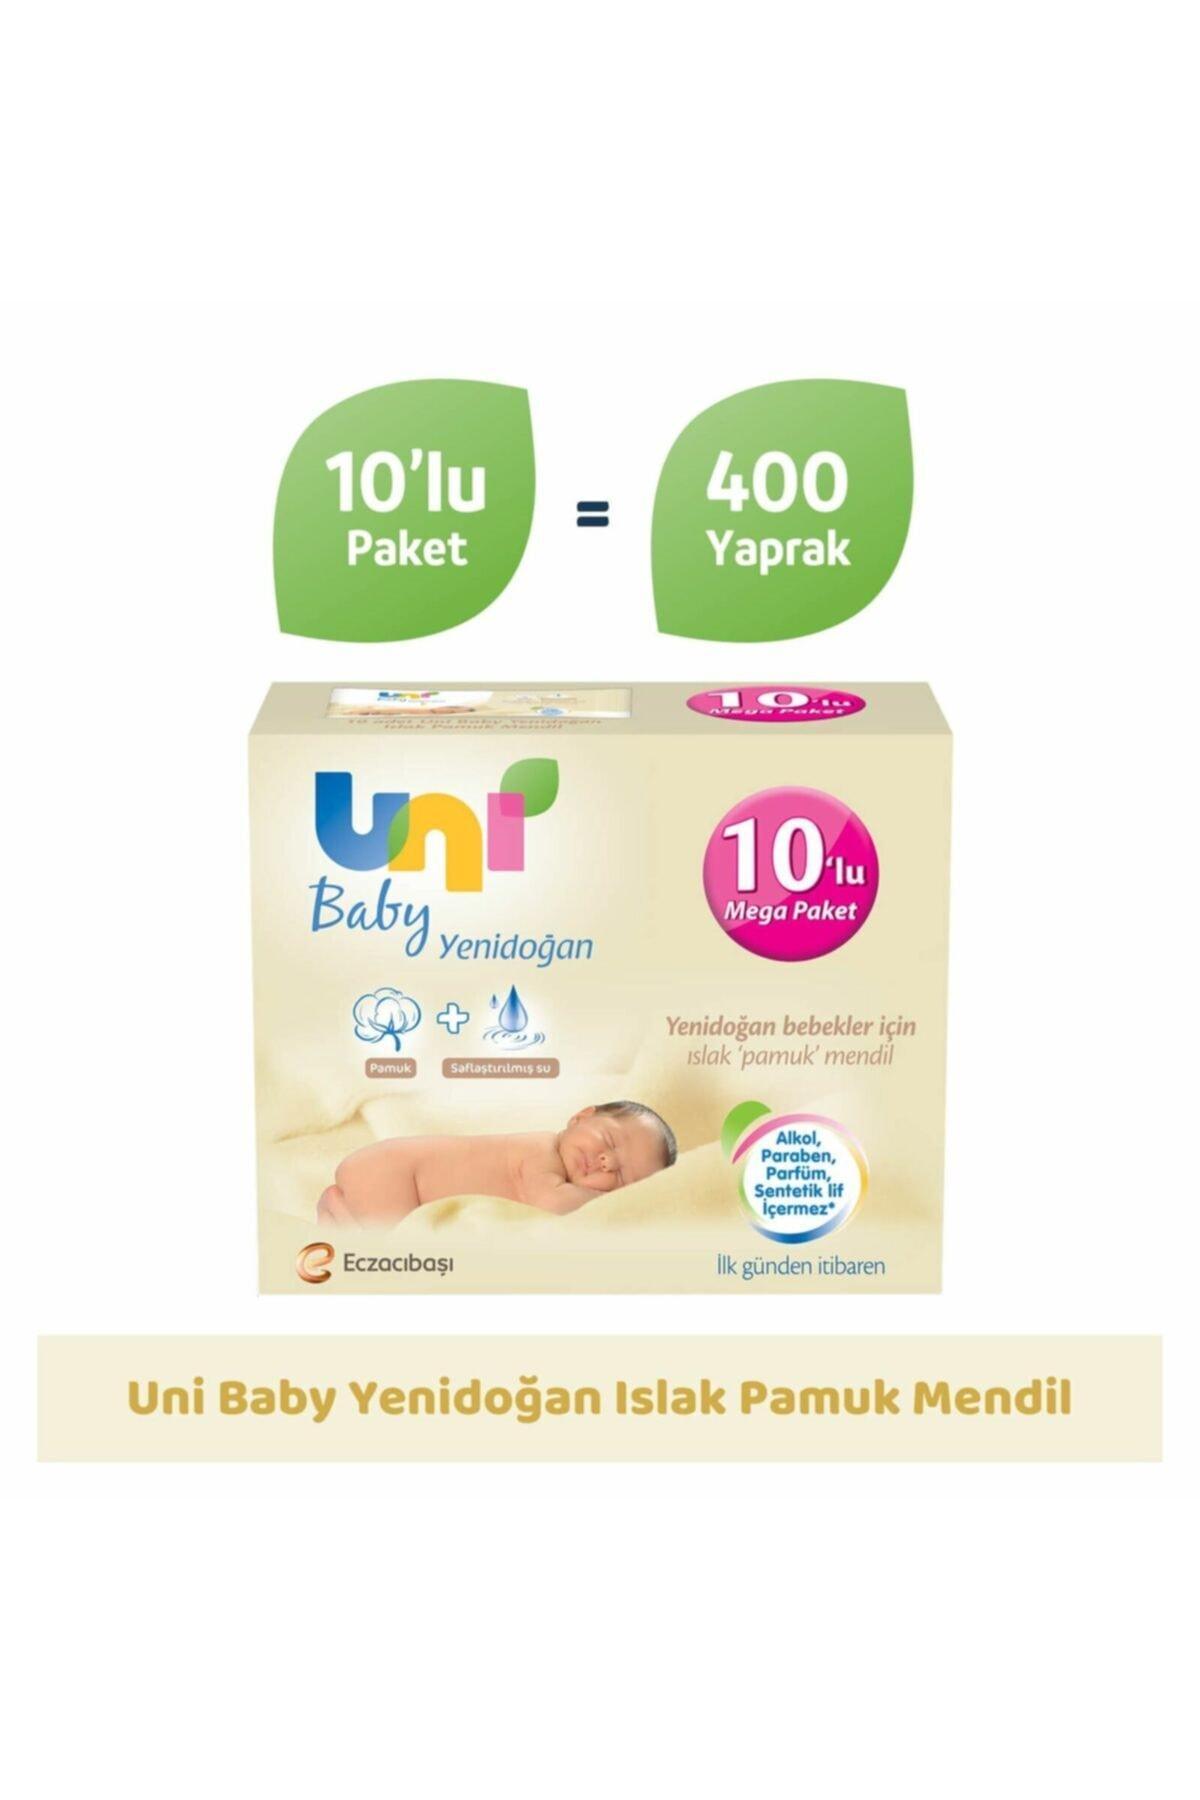 Uni Baby Yenidoğan Islak Pamuk Mendil 10'lu - 400 Yaprak 2